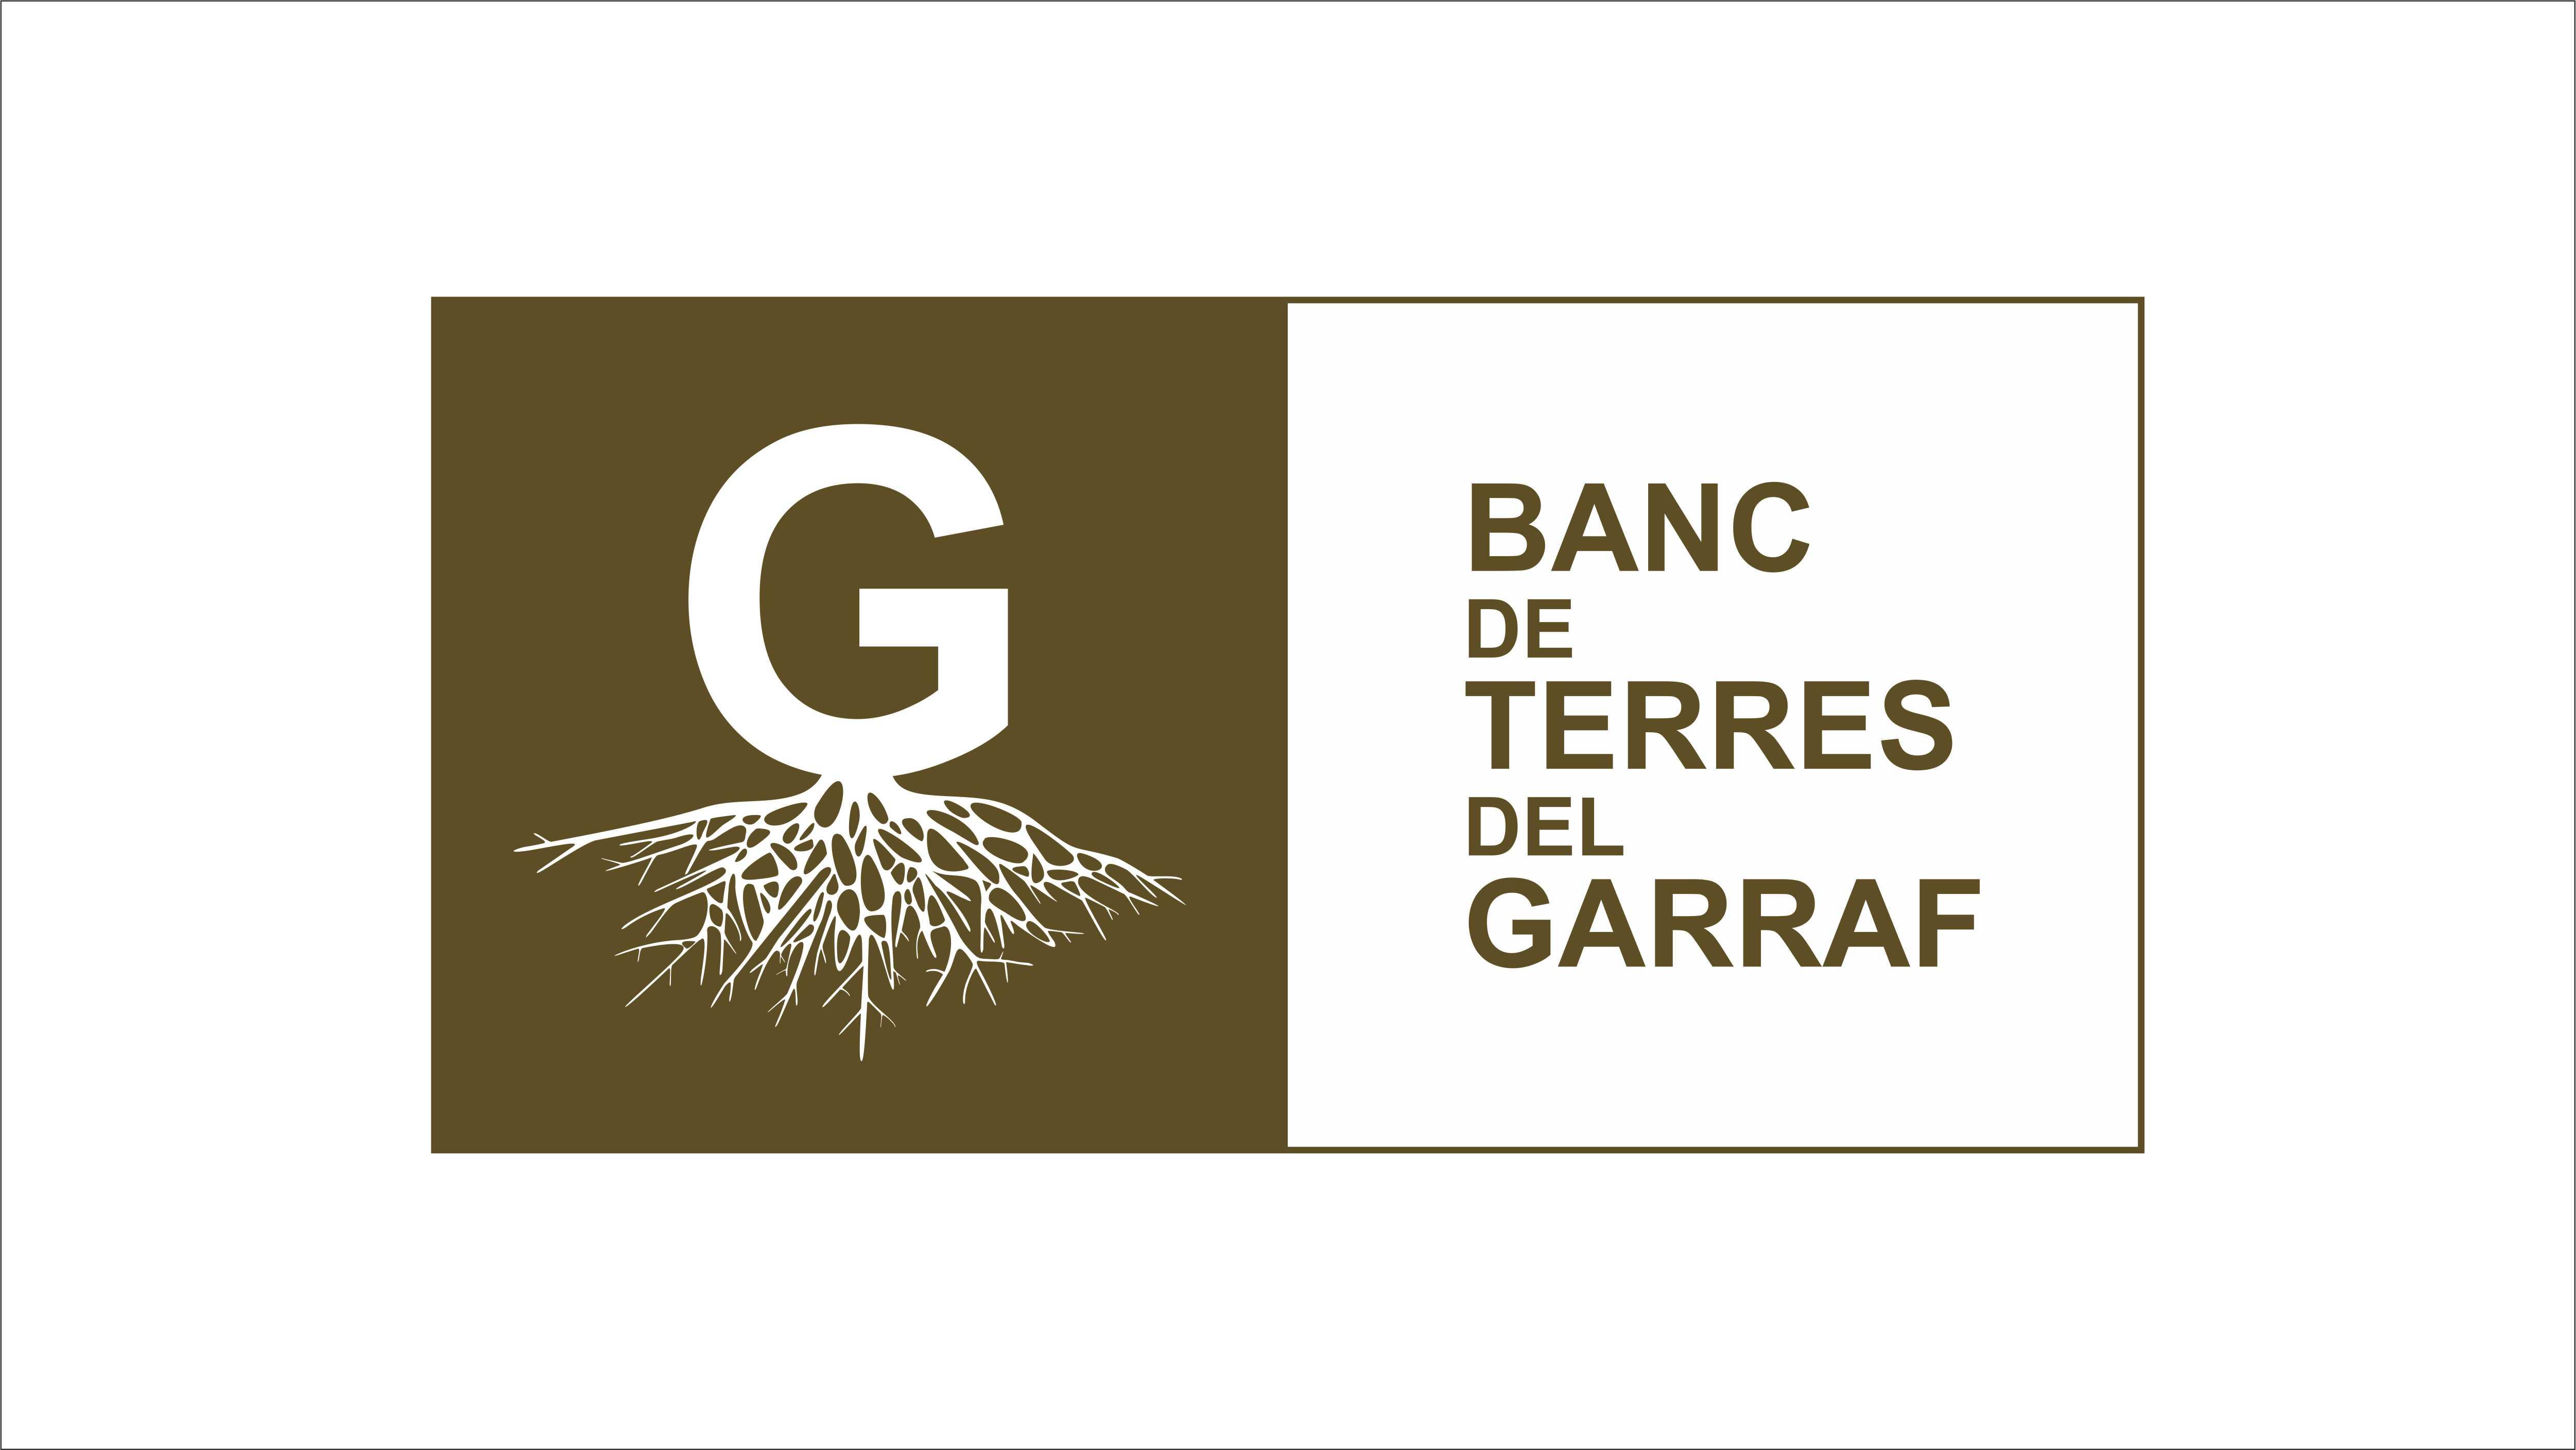 Banc de Terres del Garraf